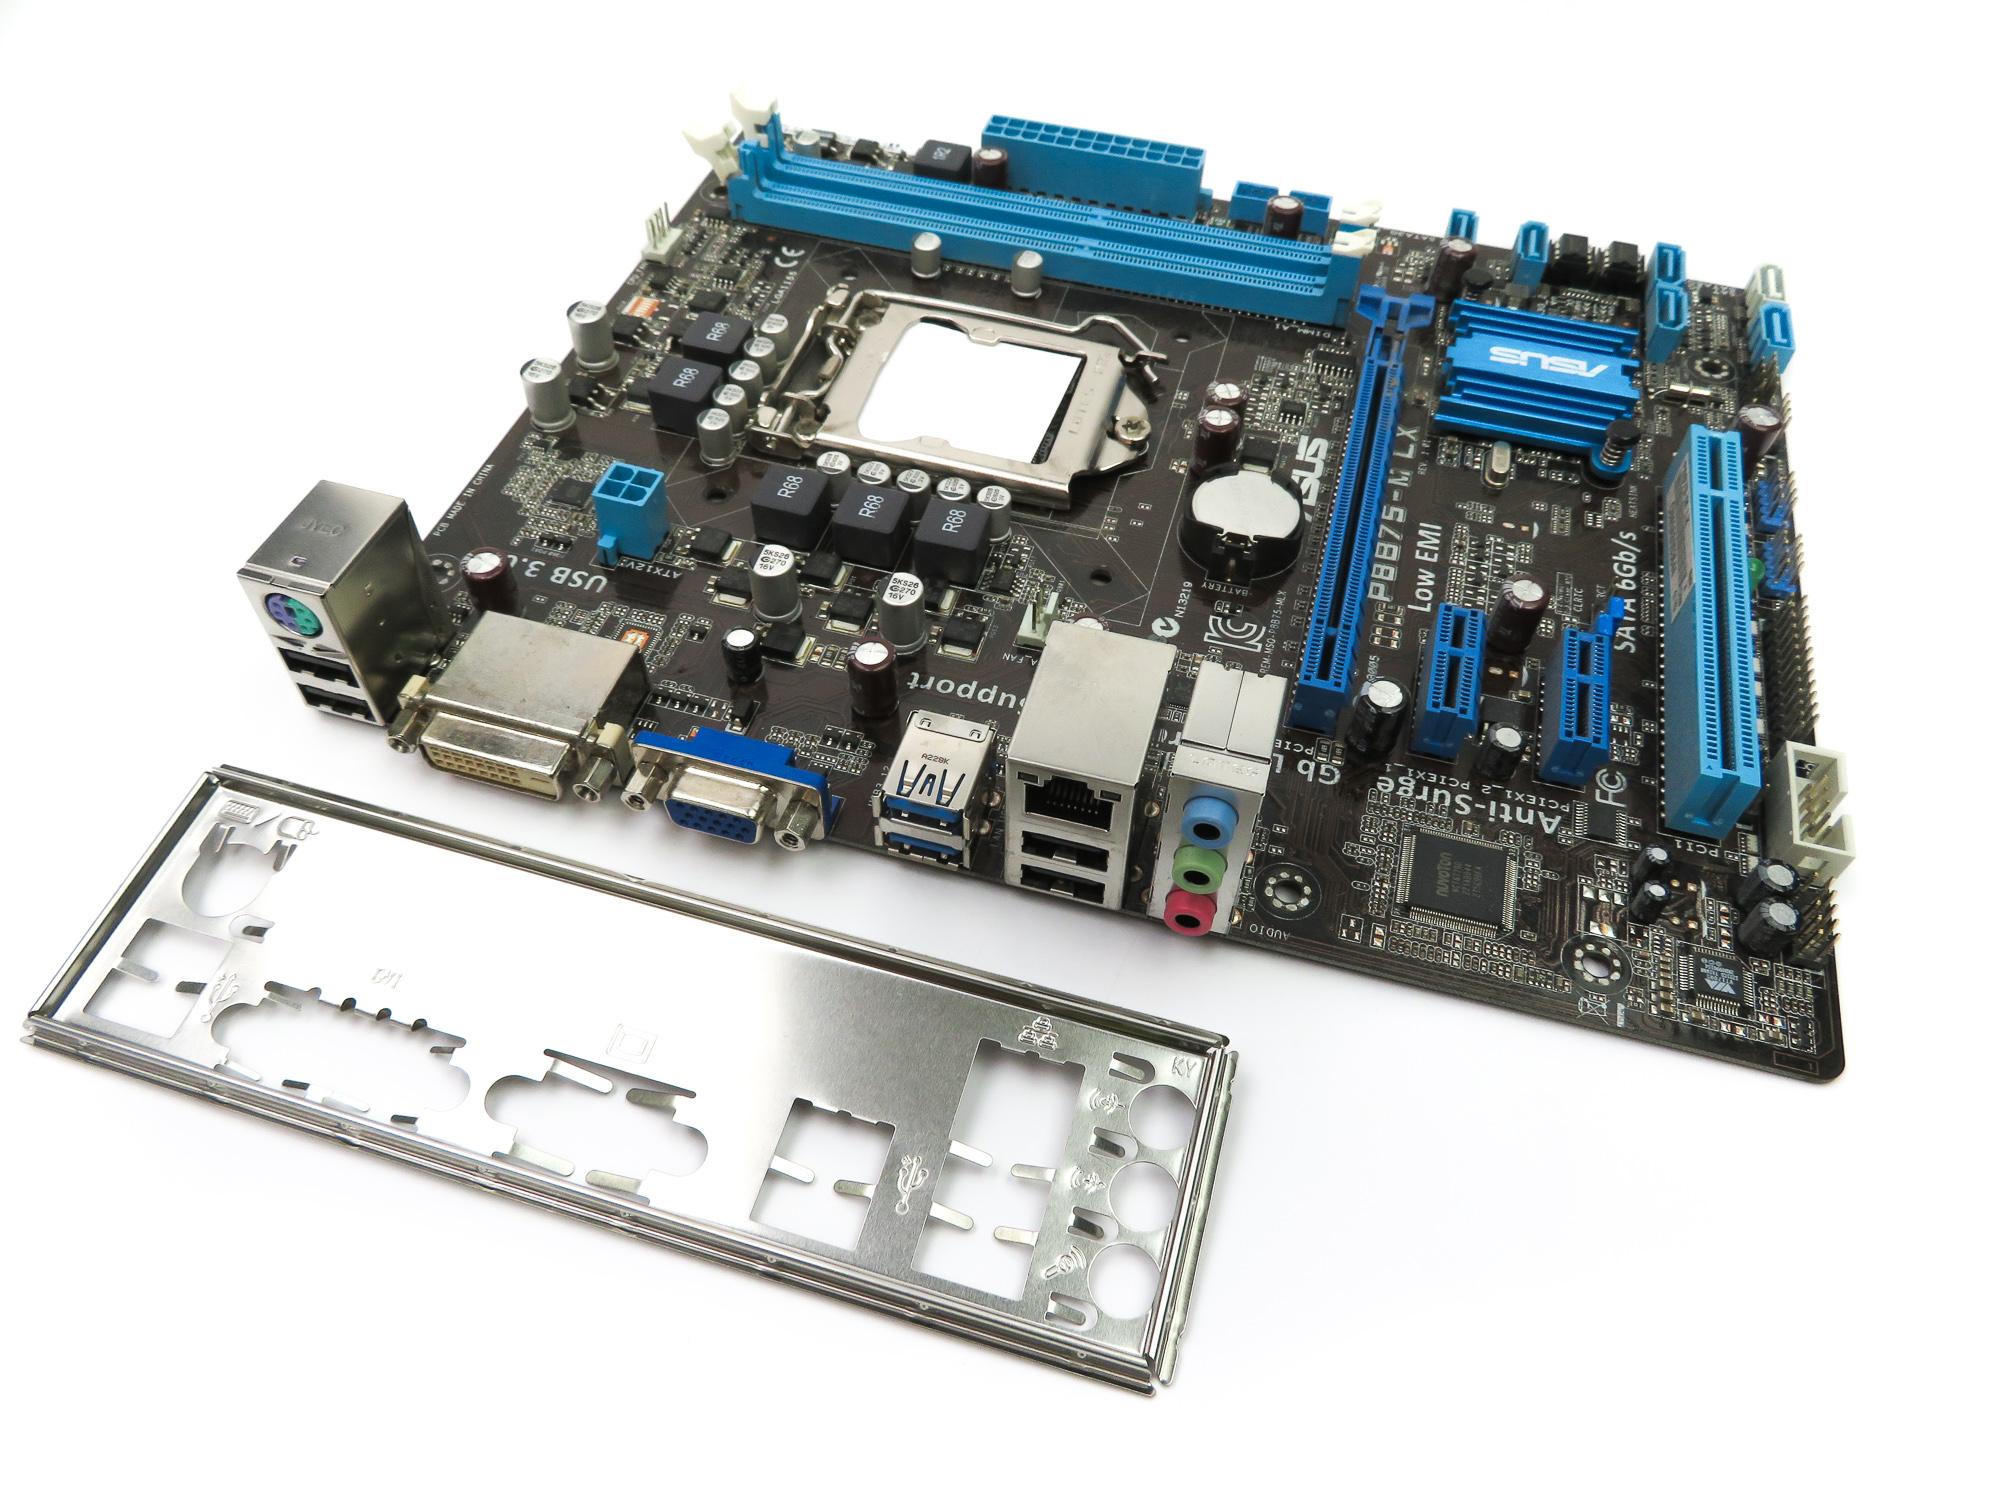 Asus P8B75-M LX Rev. 1.01 Socket LGA1155 Motherboard